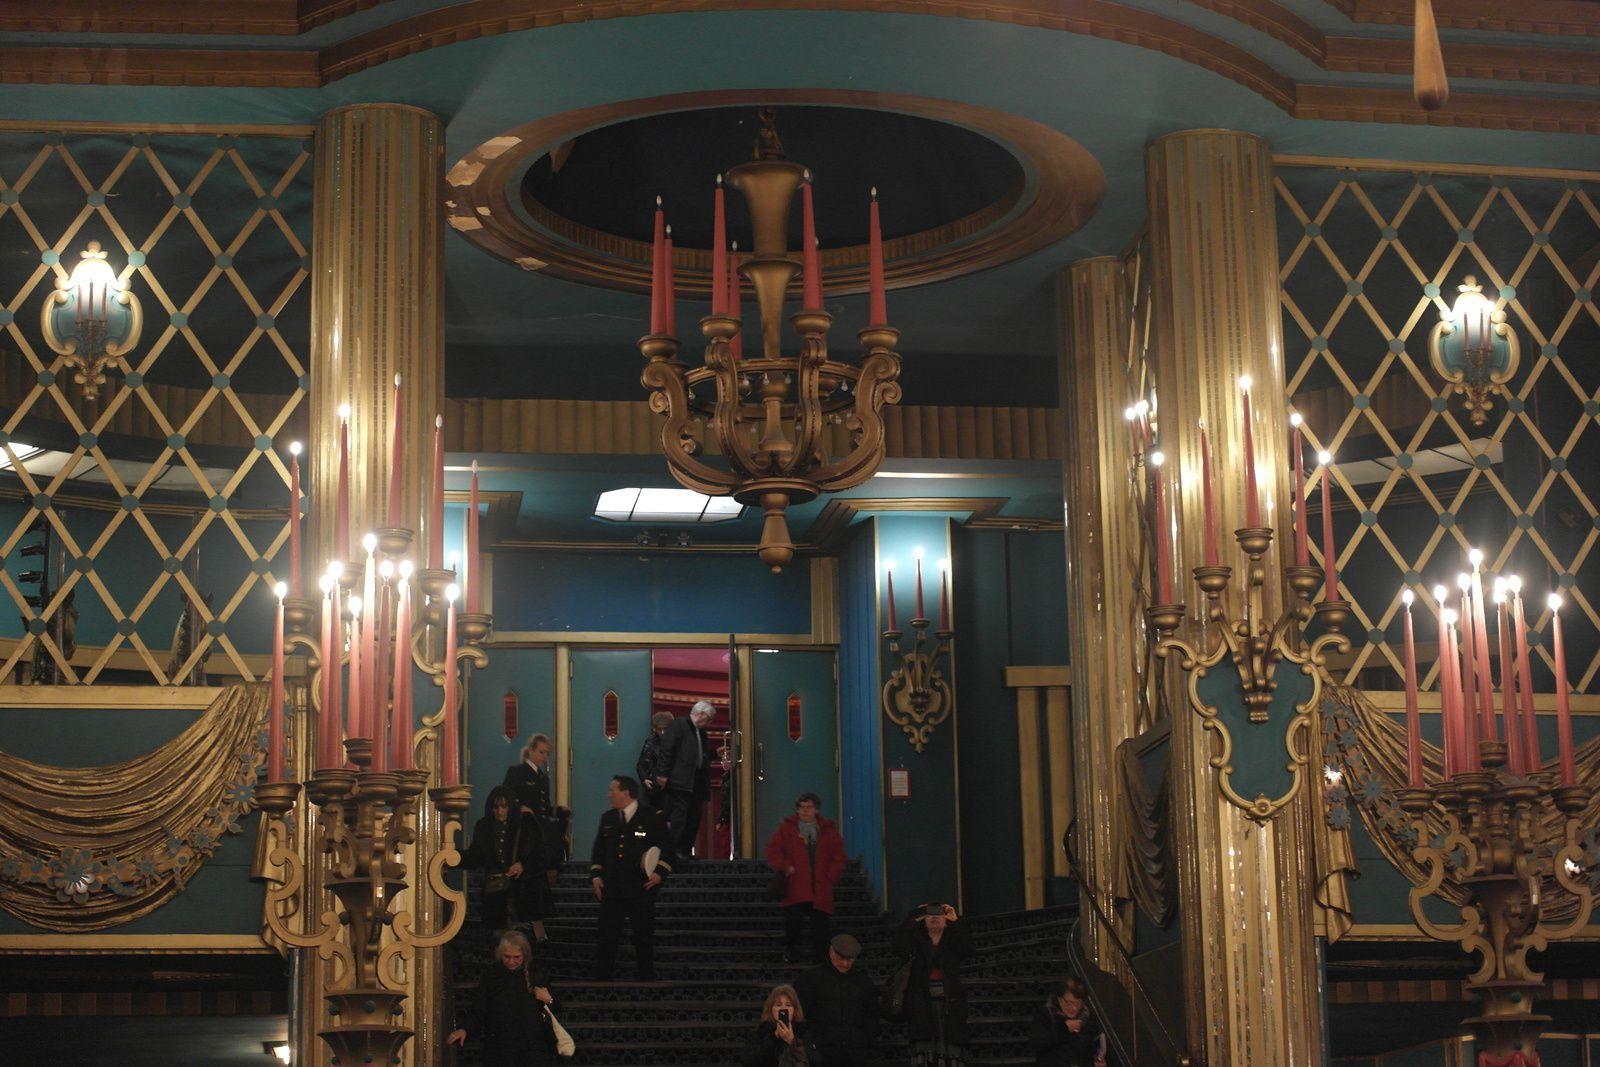 Le grand hall d'entrée à la décoration rococo